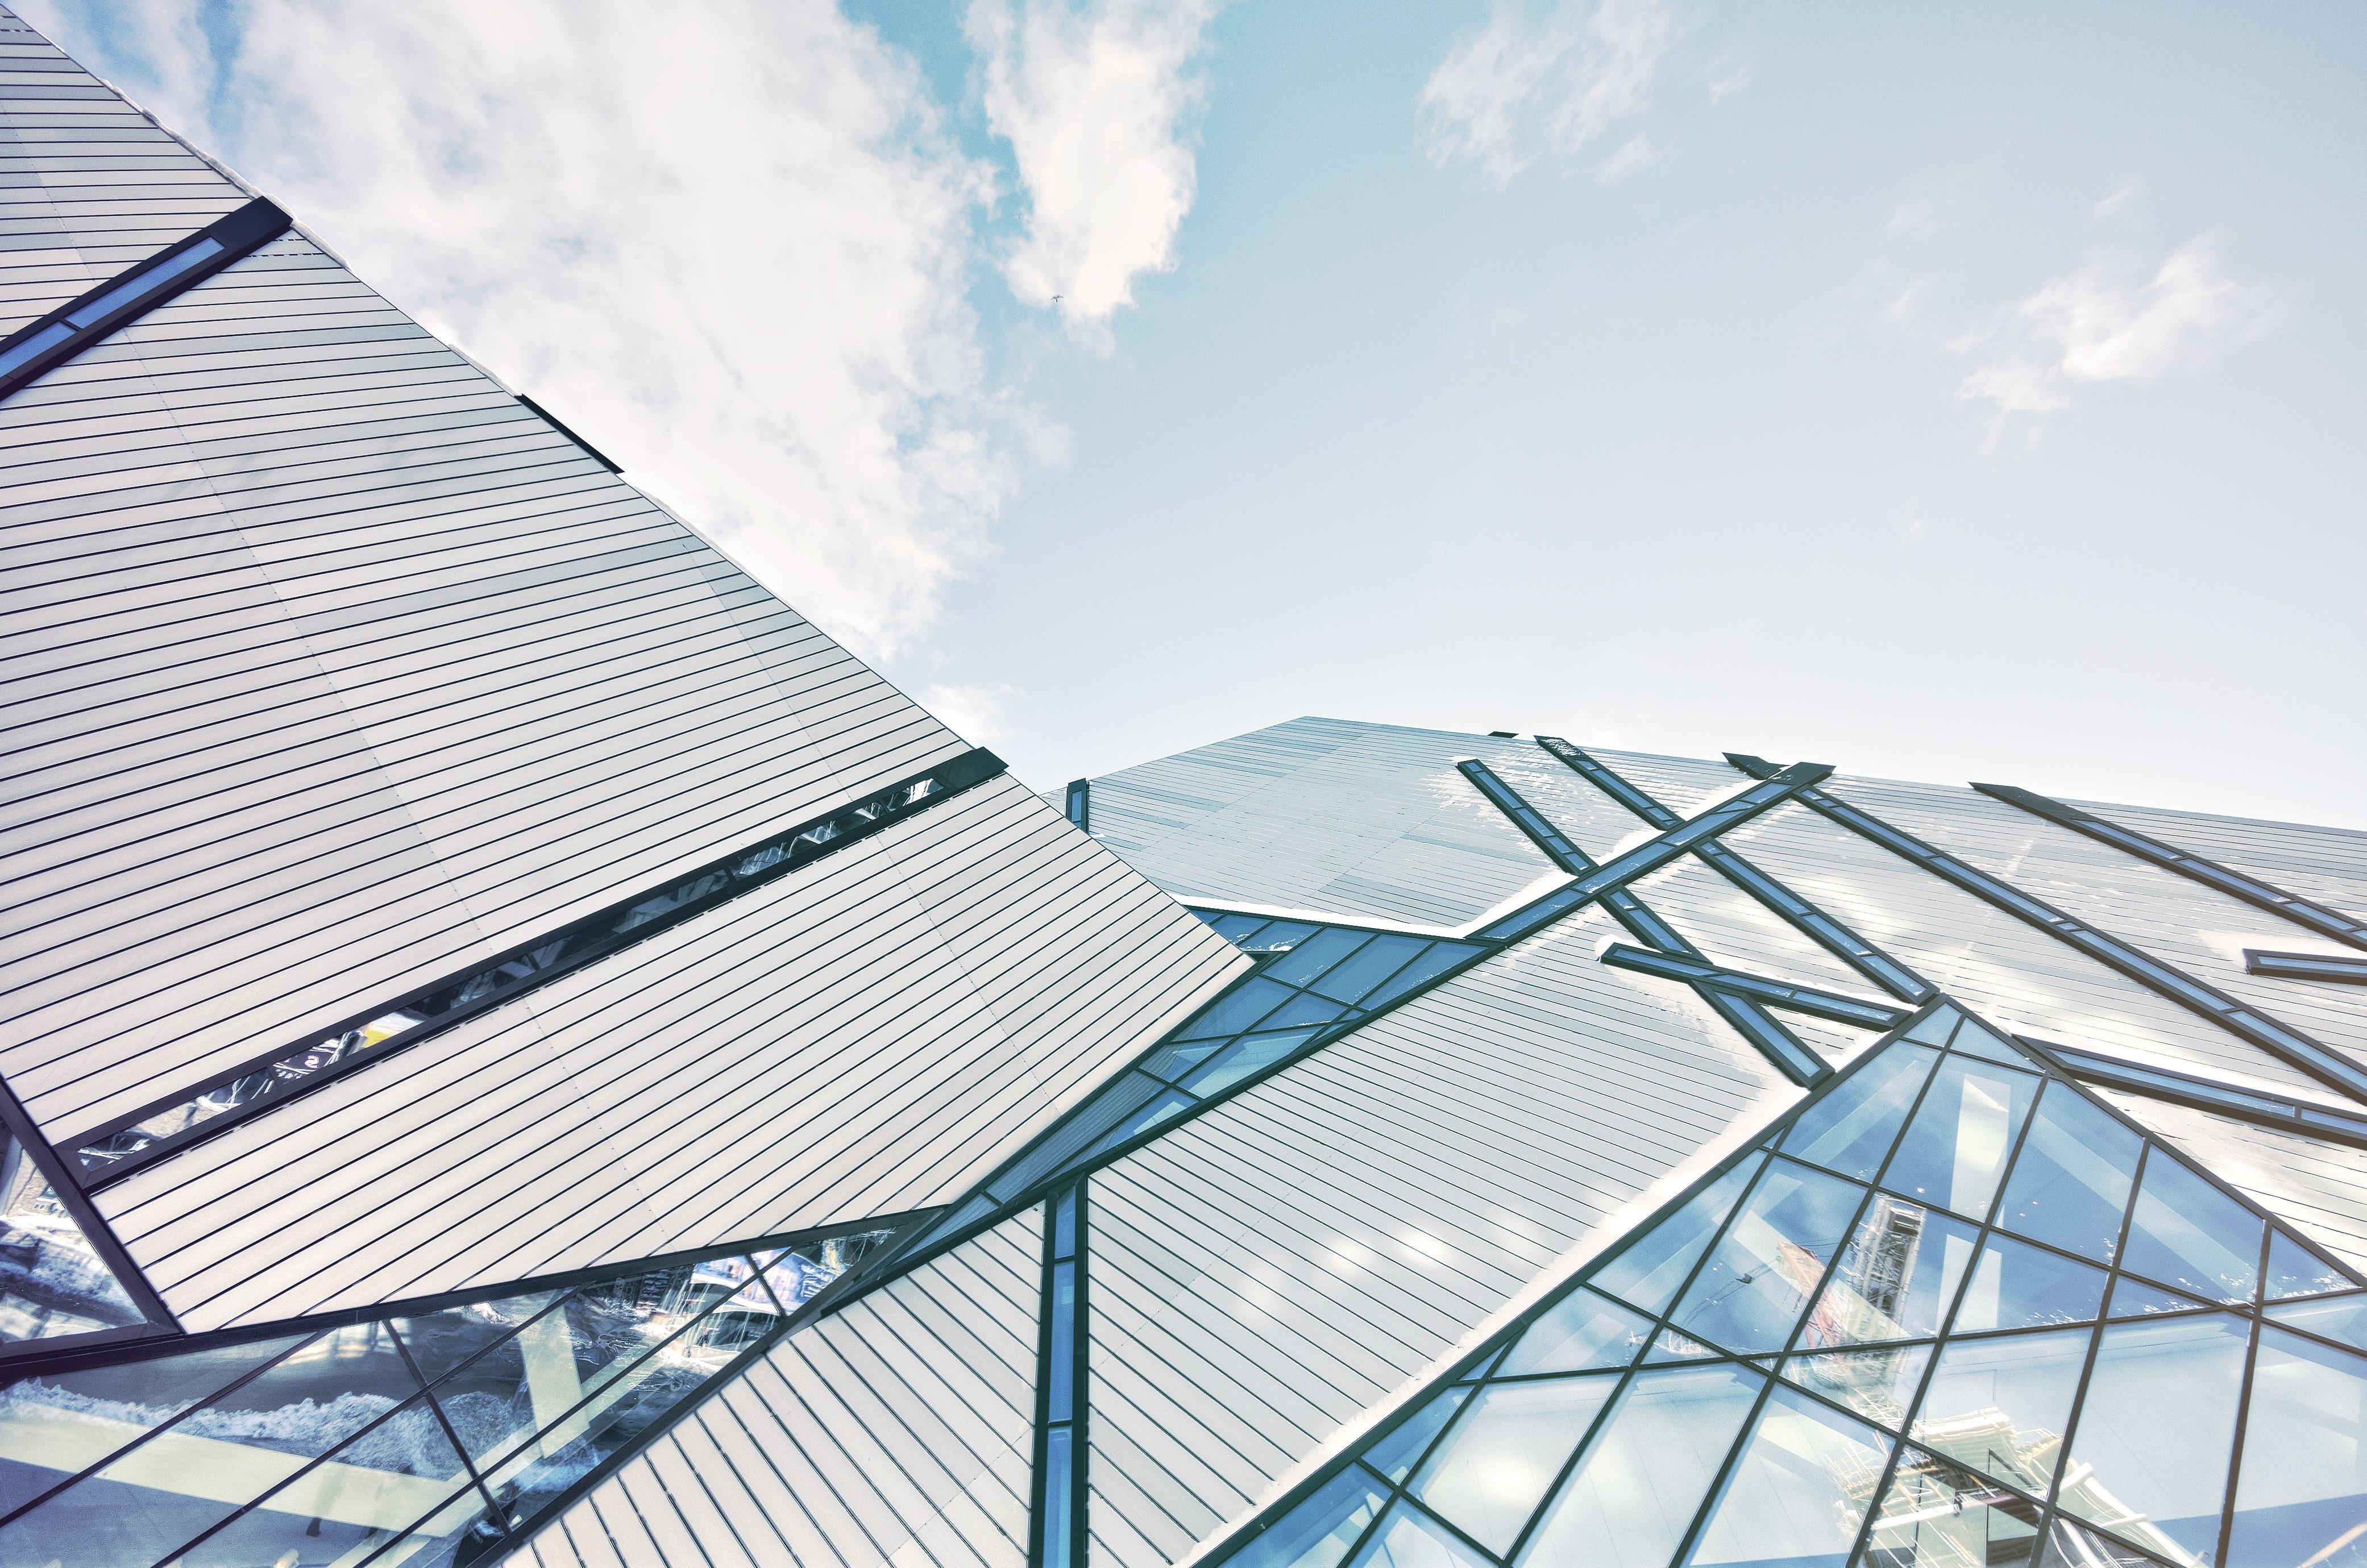 Banco de imagens arquitetura estrutura c u vidro for Contemporary roofing materials